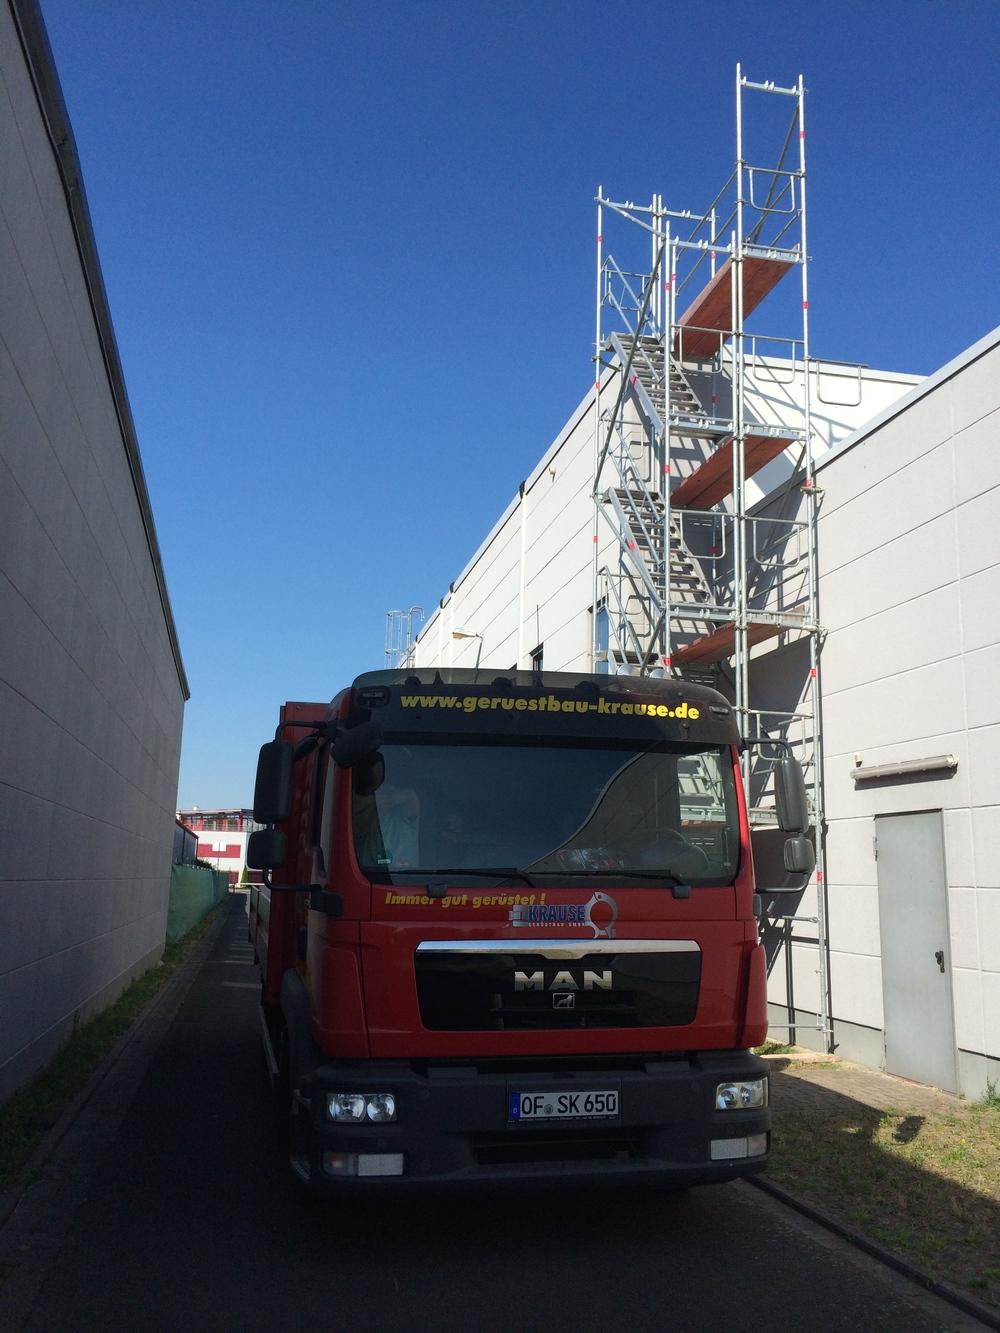 Treppenturm - Hainburg.jpg